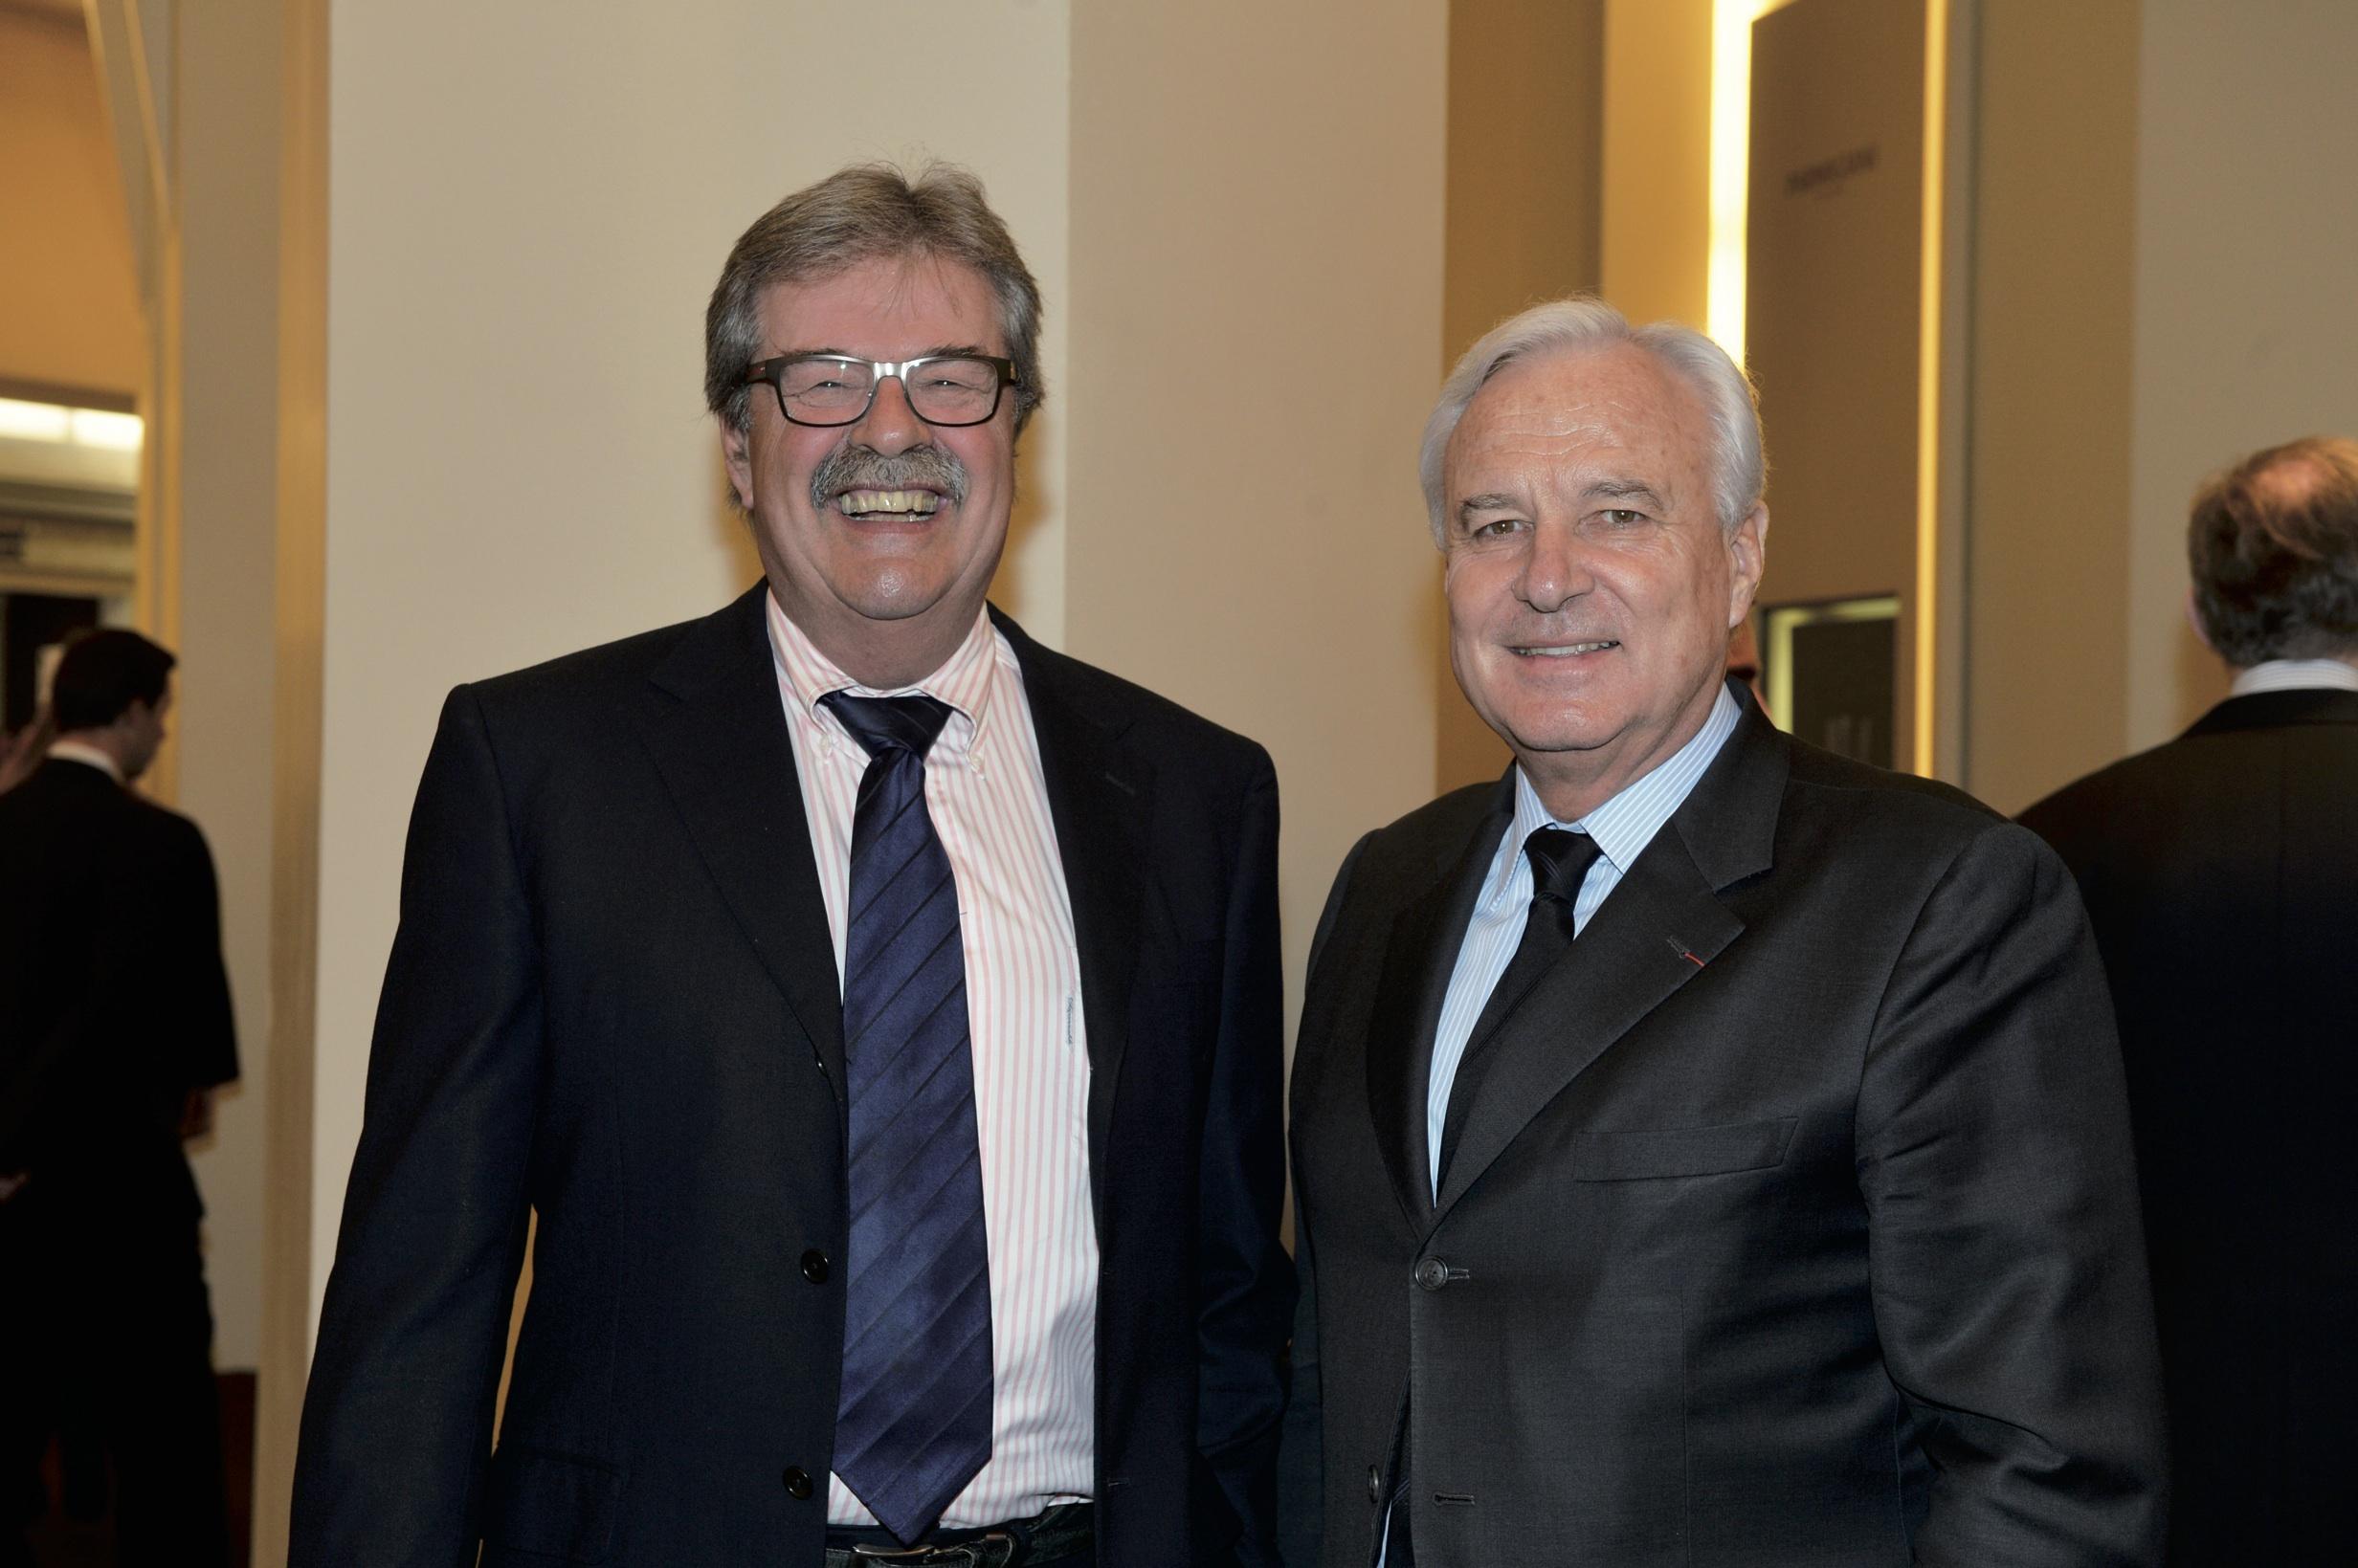 Johan Rupert CEO Richemont Group